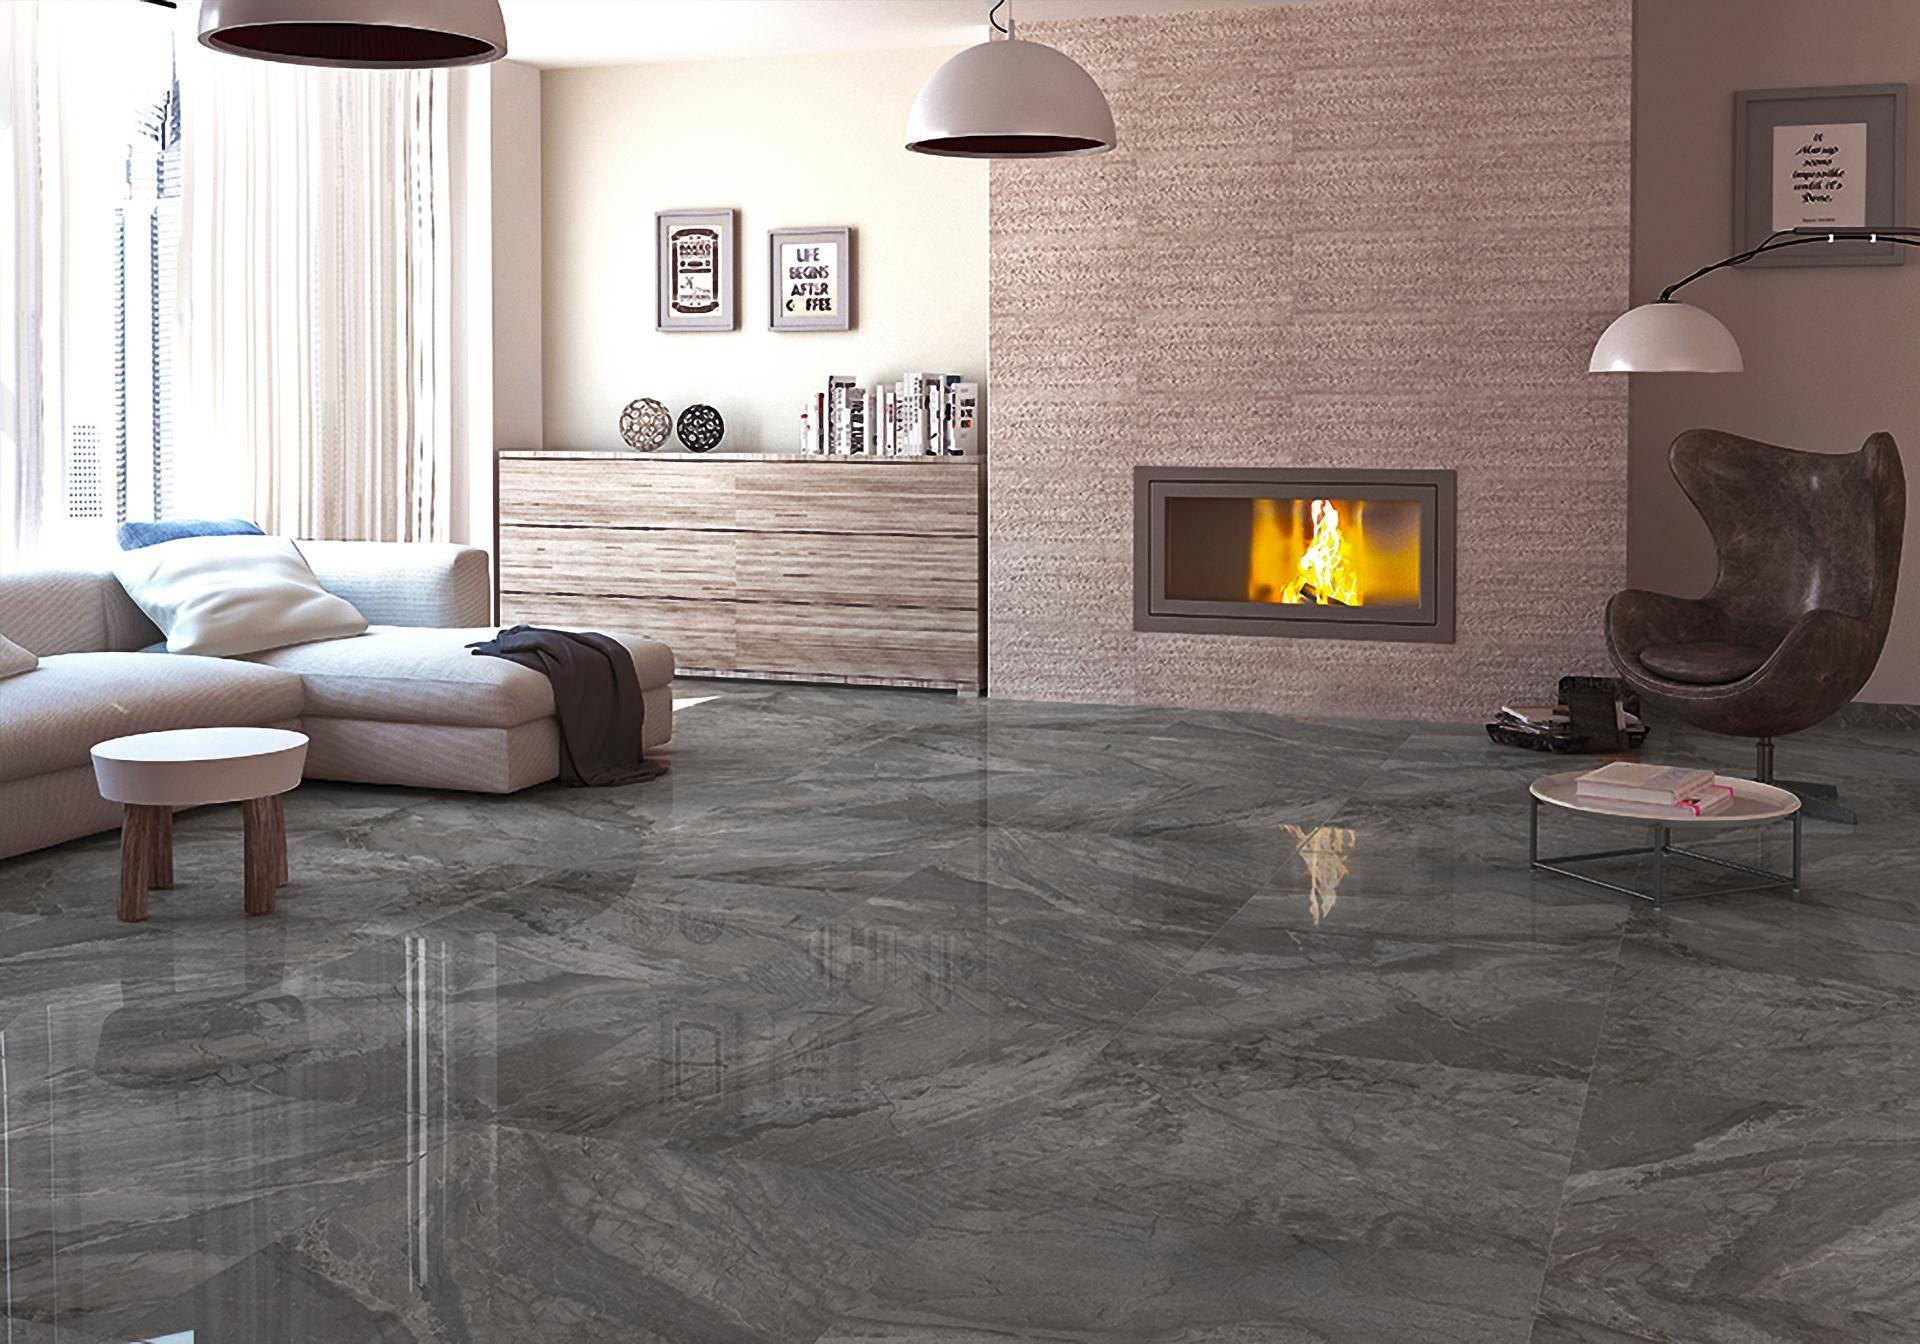 Плитка под мрамор для ванной комнаты, дизайн ванной в сером и белом мраморе, сочетание с деревом